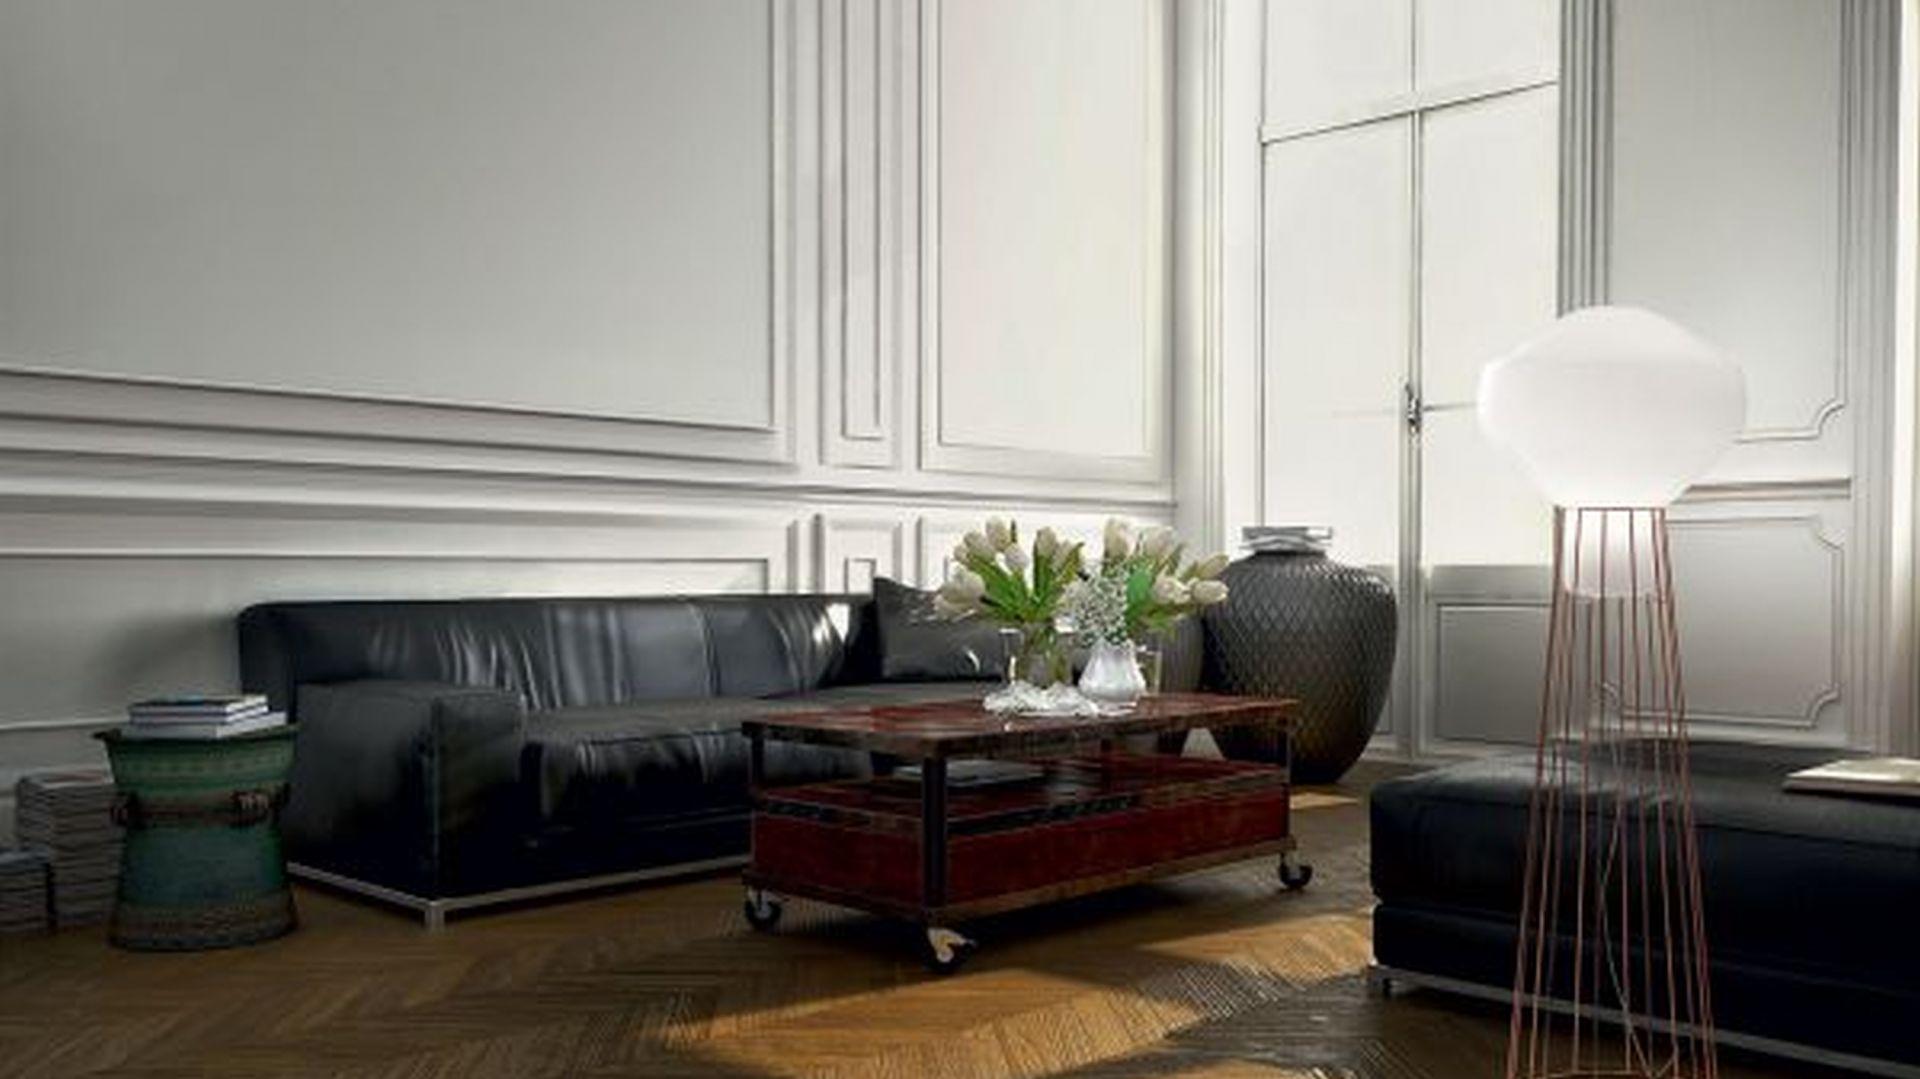 Nowości od marki Fabbian lub rzemieślnicze propozycje od czeskich producentów, takich jak Bomma czy Brokis, wyglądają niczym świetliste dzieła sztuki. Fot. 9design Fabbian